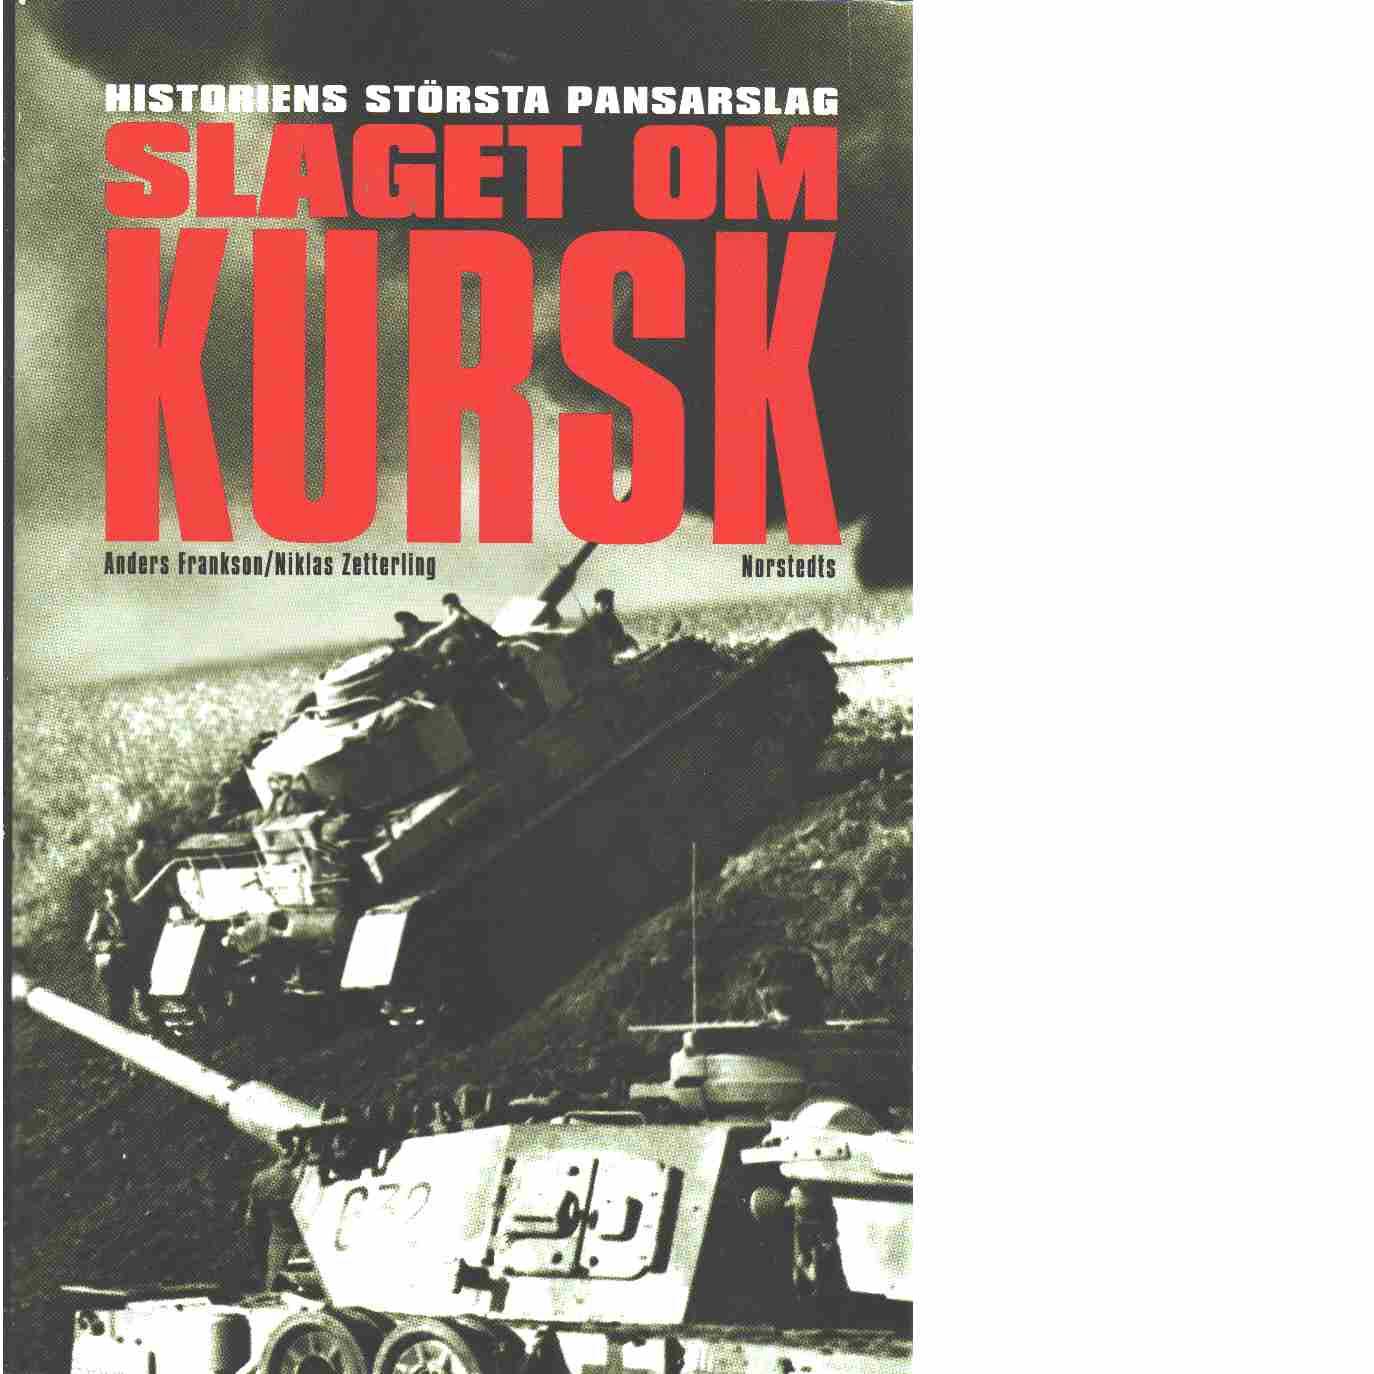 Slaget om Kursk : historiens största pansarslag  -  Frankson, Anders och Zetterling, Niklas